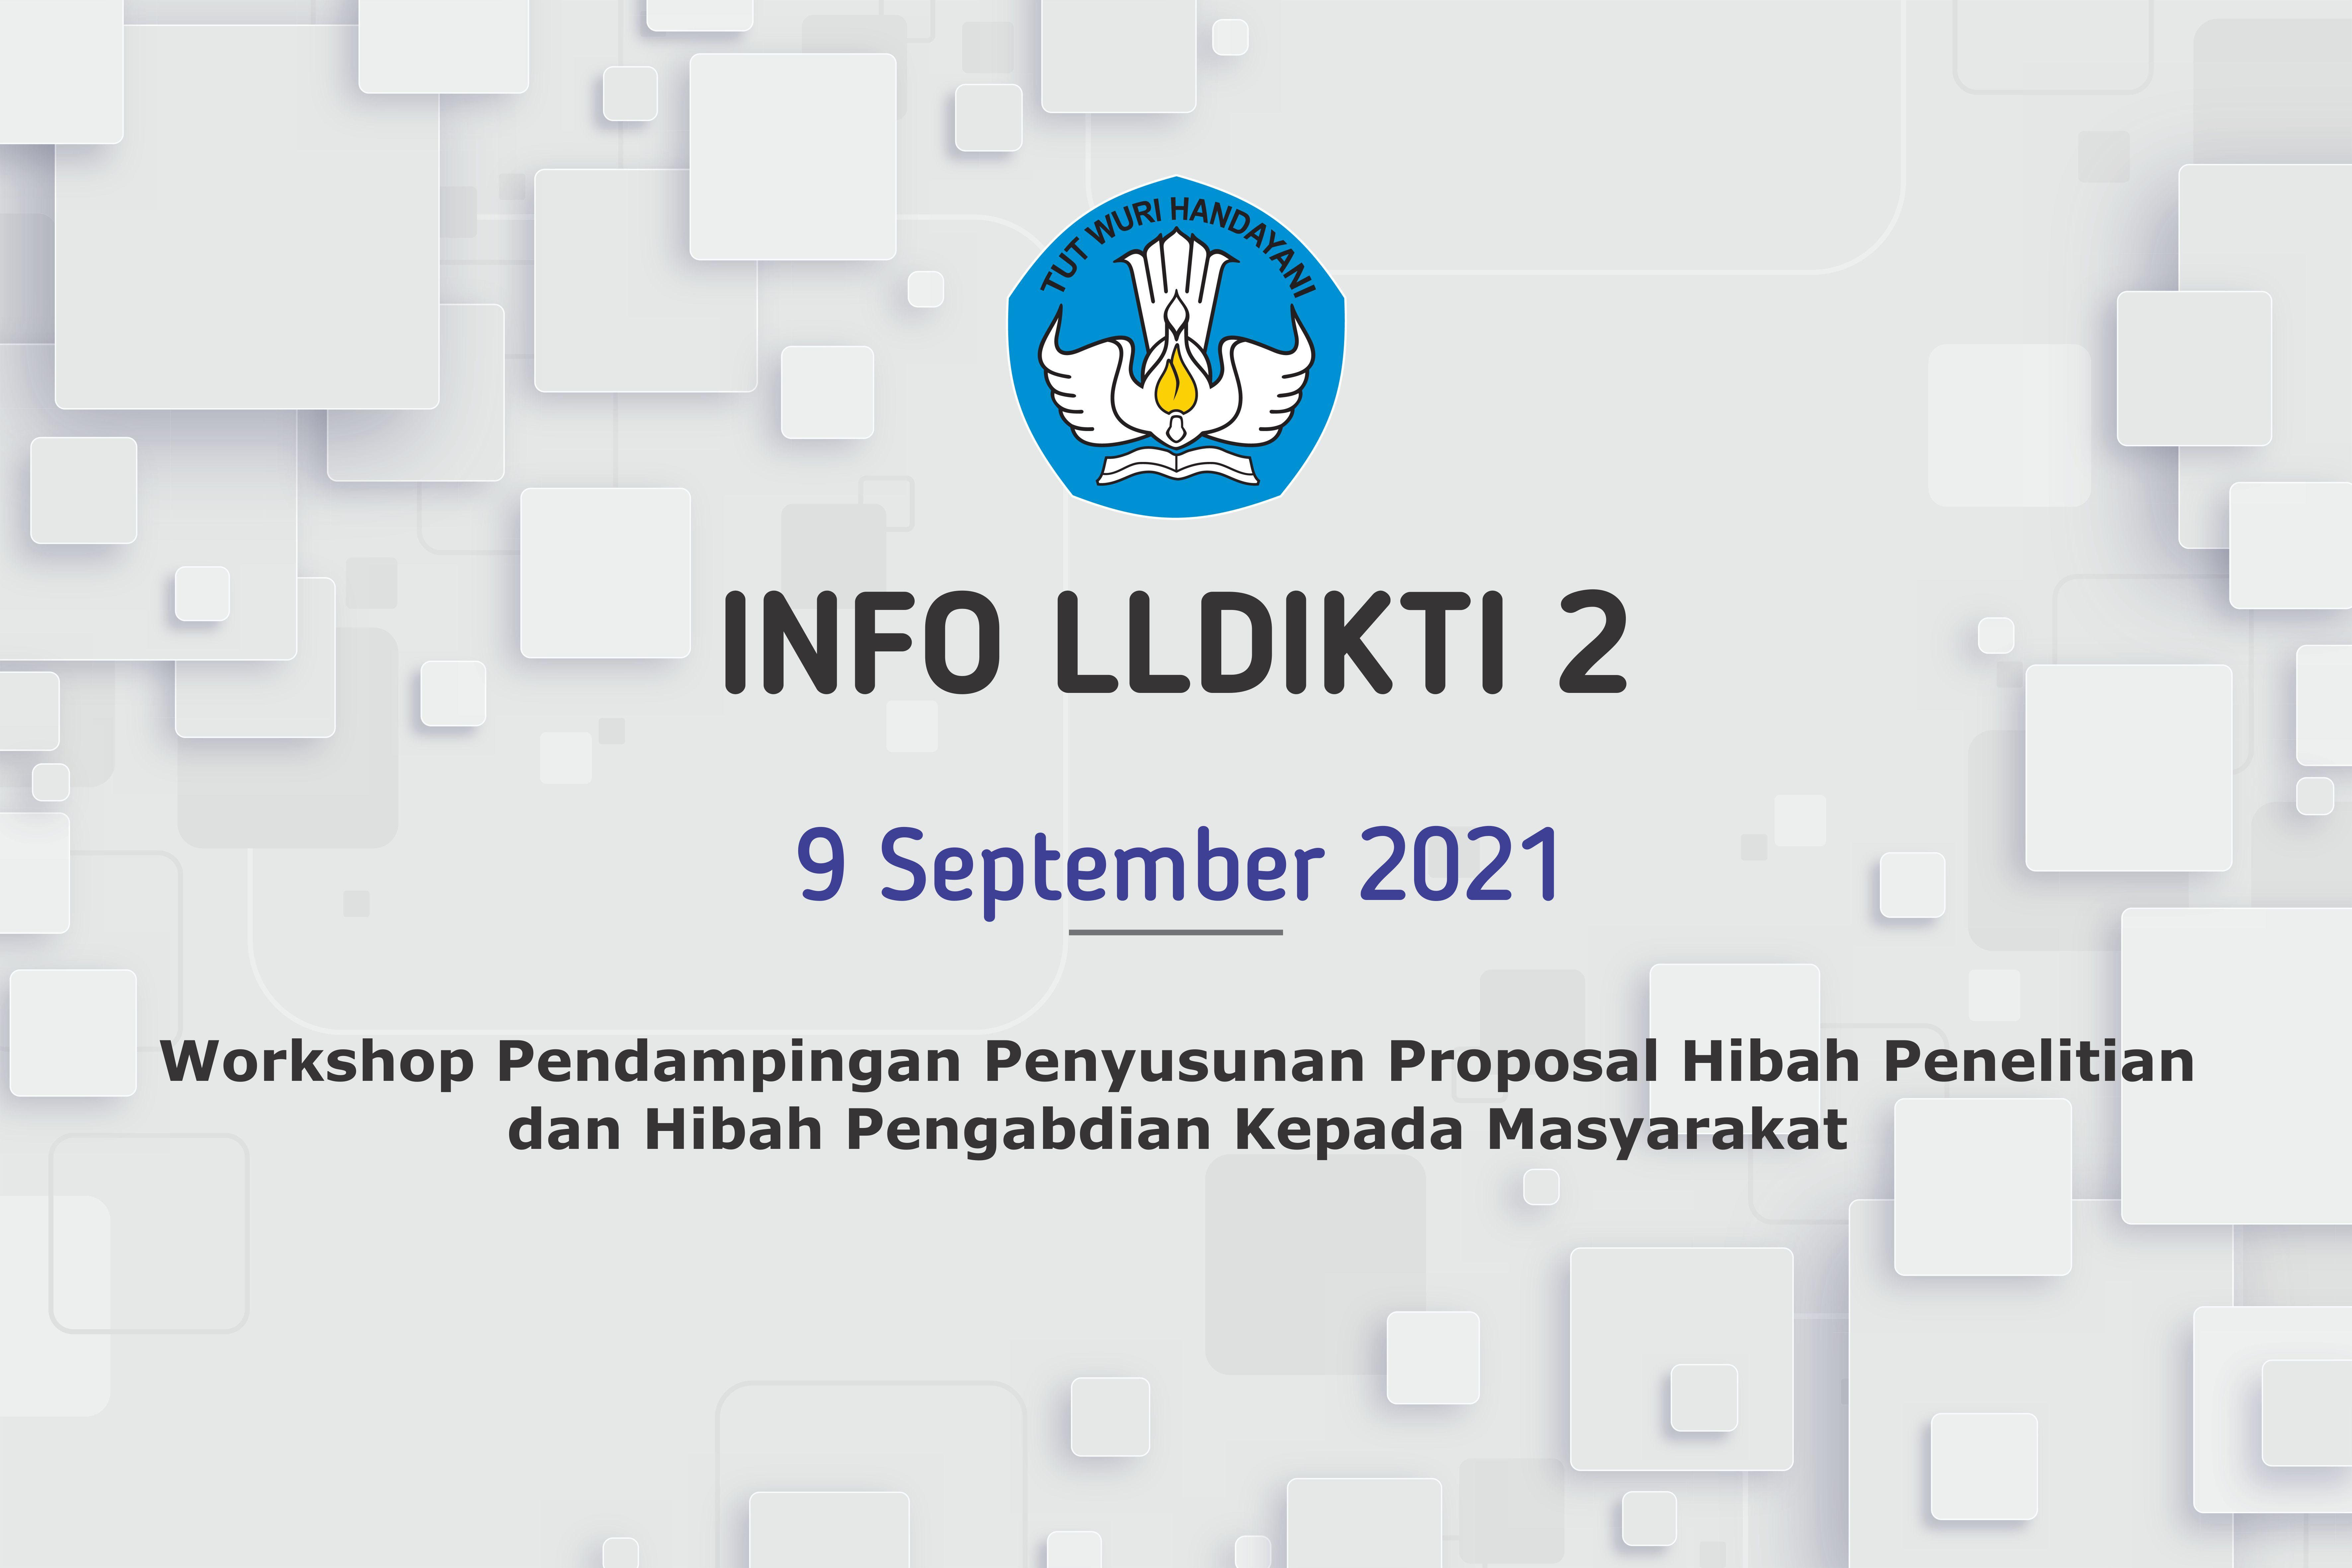 Workshop Pendampingan Penyusunan Proposal Hibah Penelitian  dan Hibah Pengabdian Kepada Masyarakat